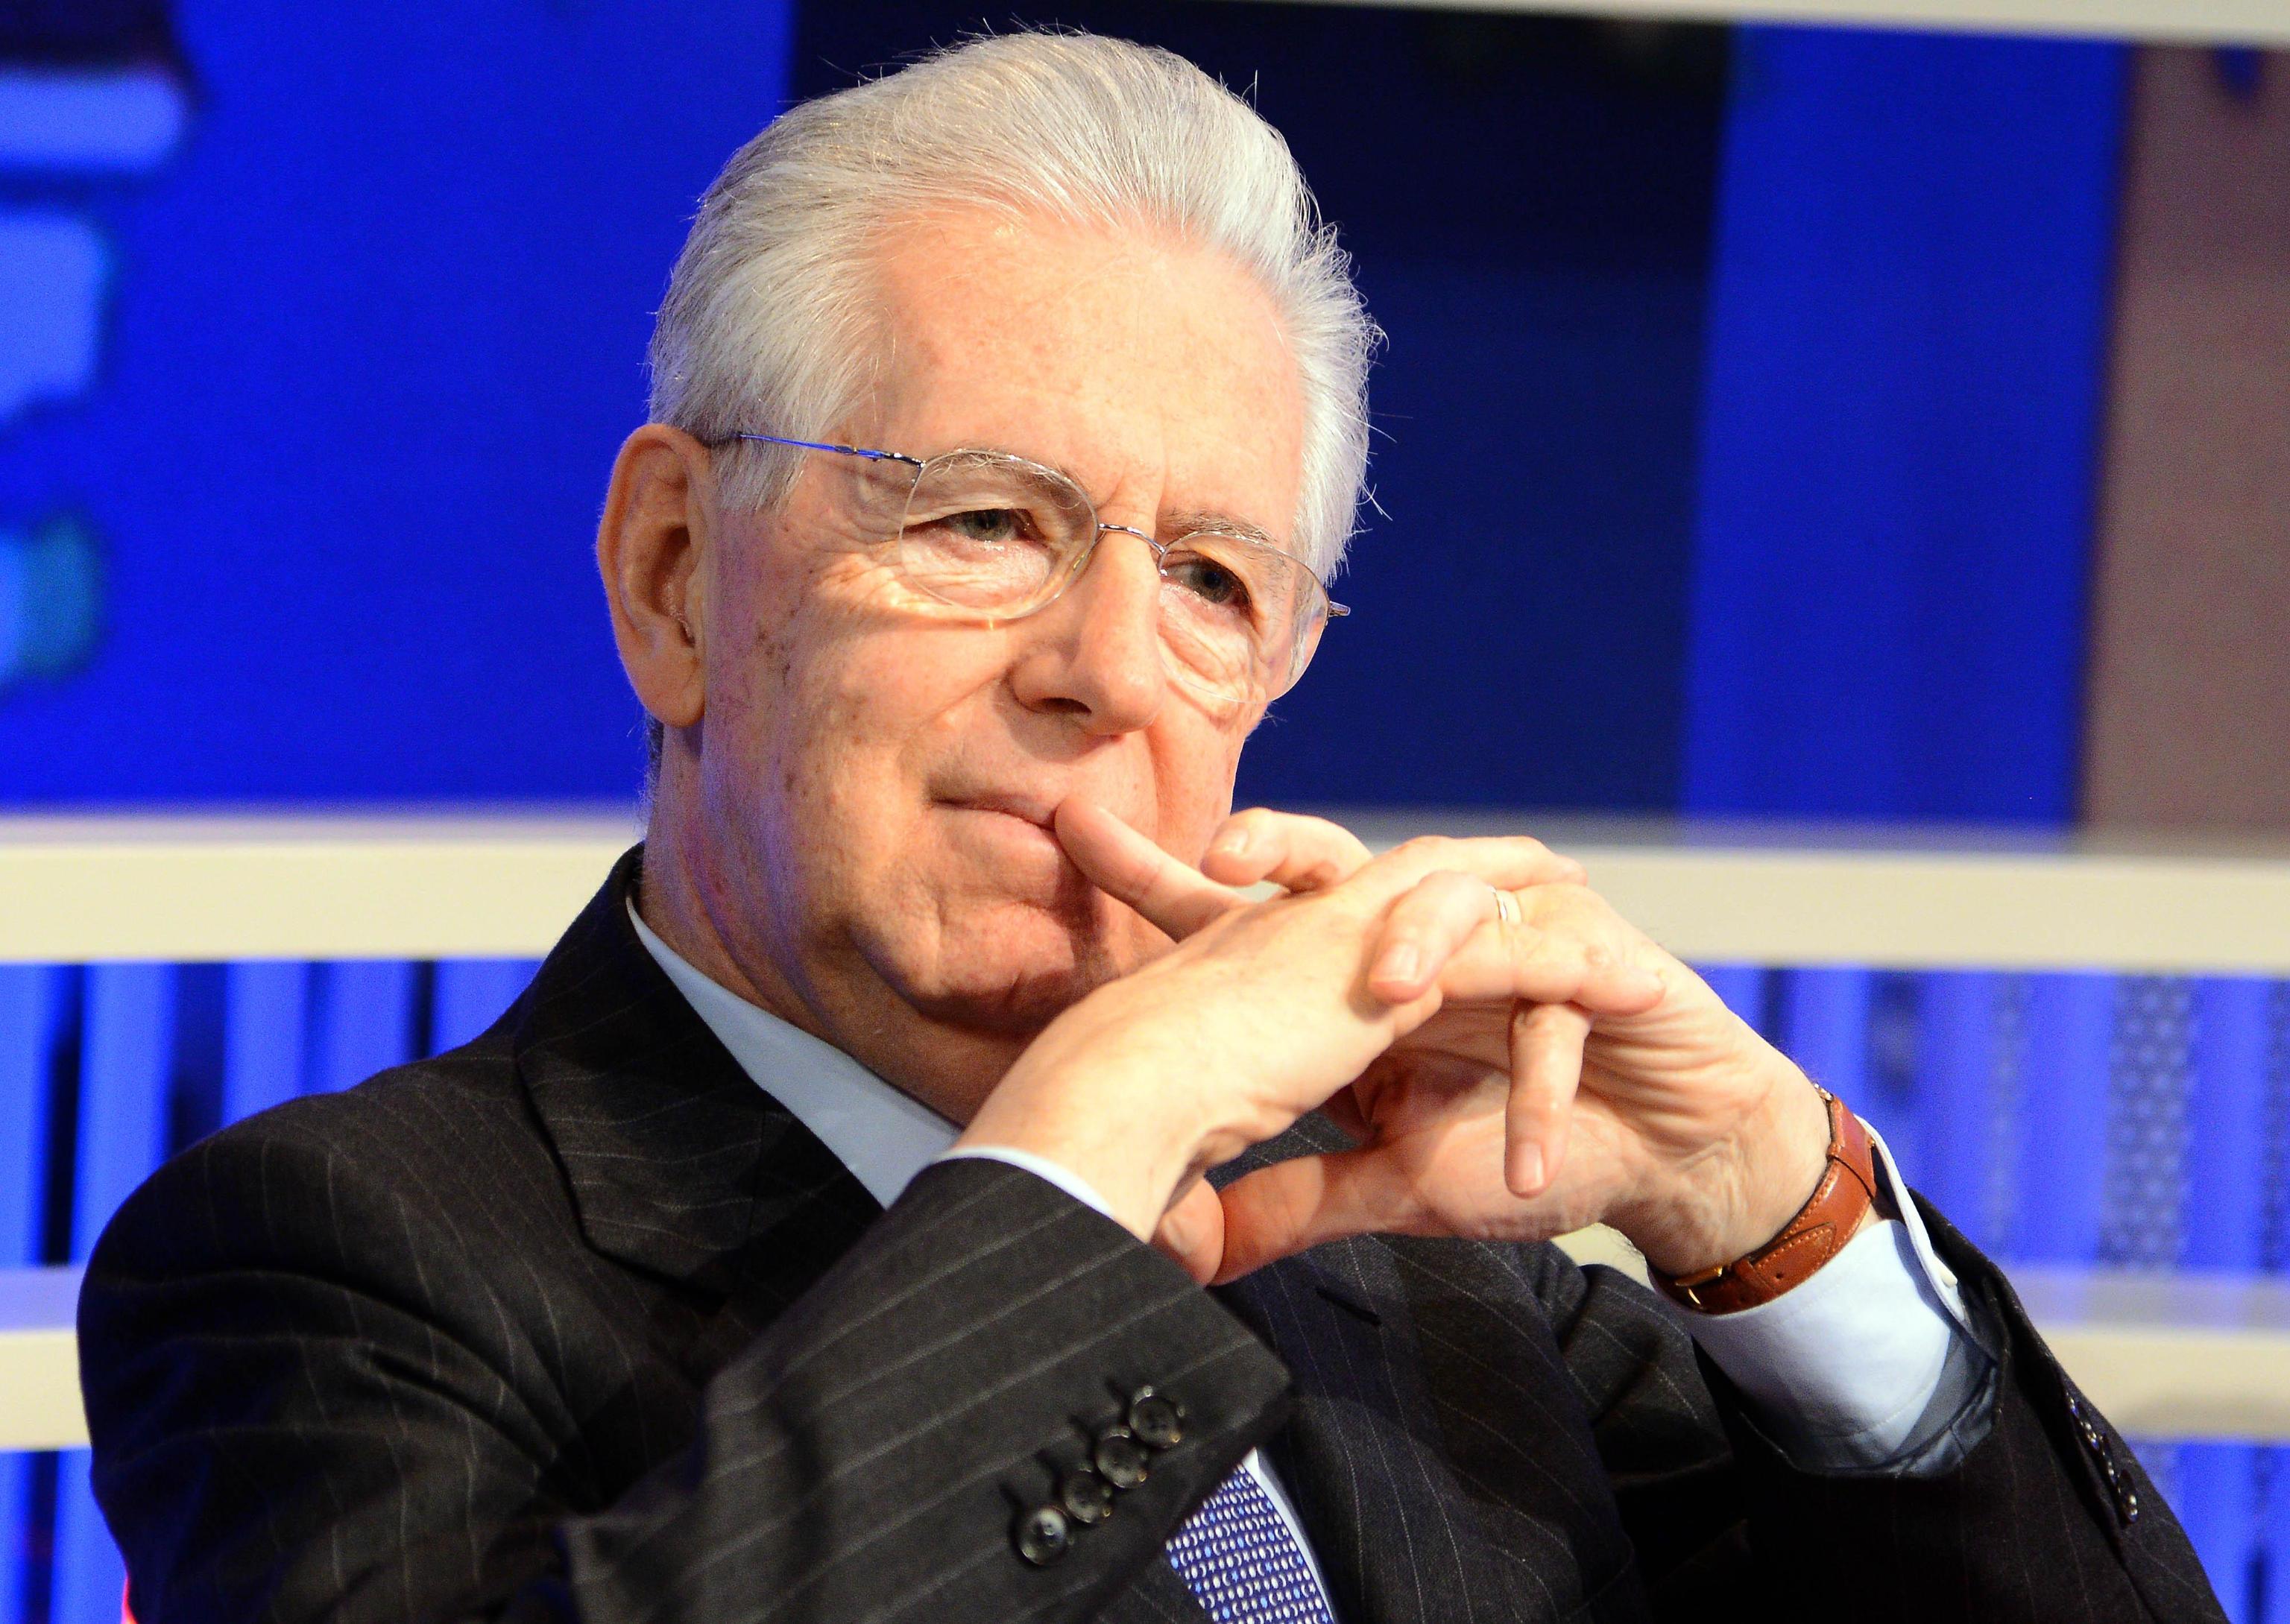 Mario Monti lascia la presidenza di Scelta Civica